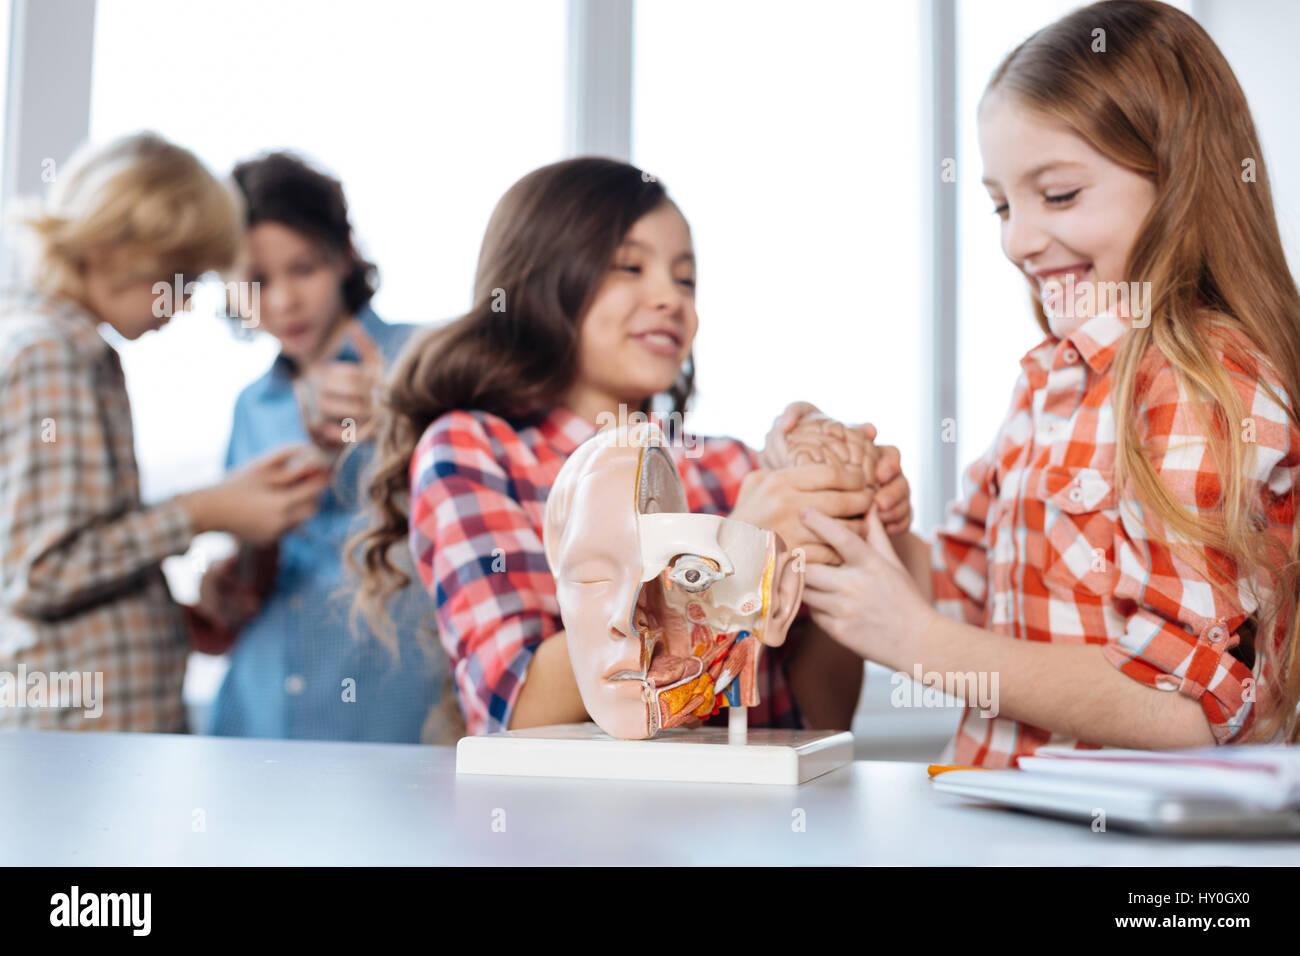 Les enfants jouissant de sa brillante étude dynamique Photo Stock